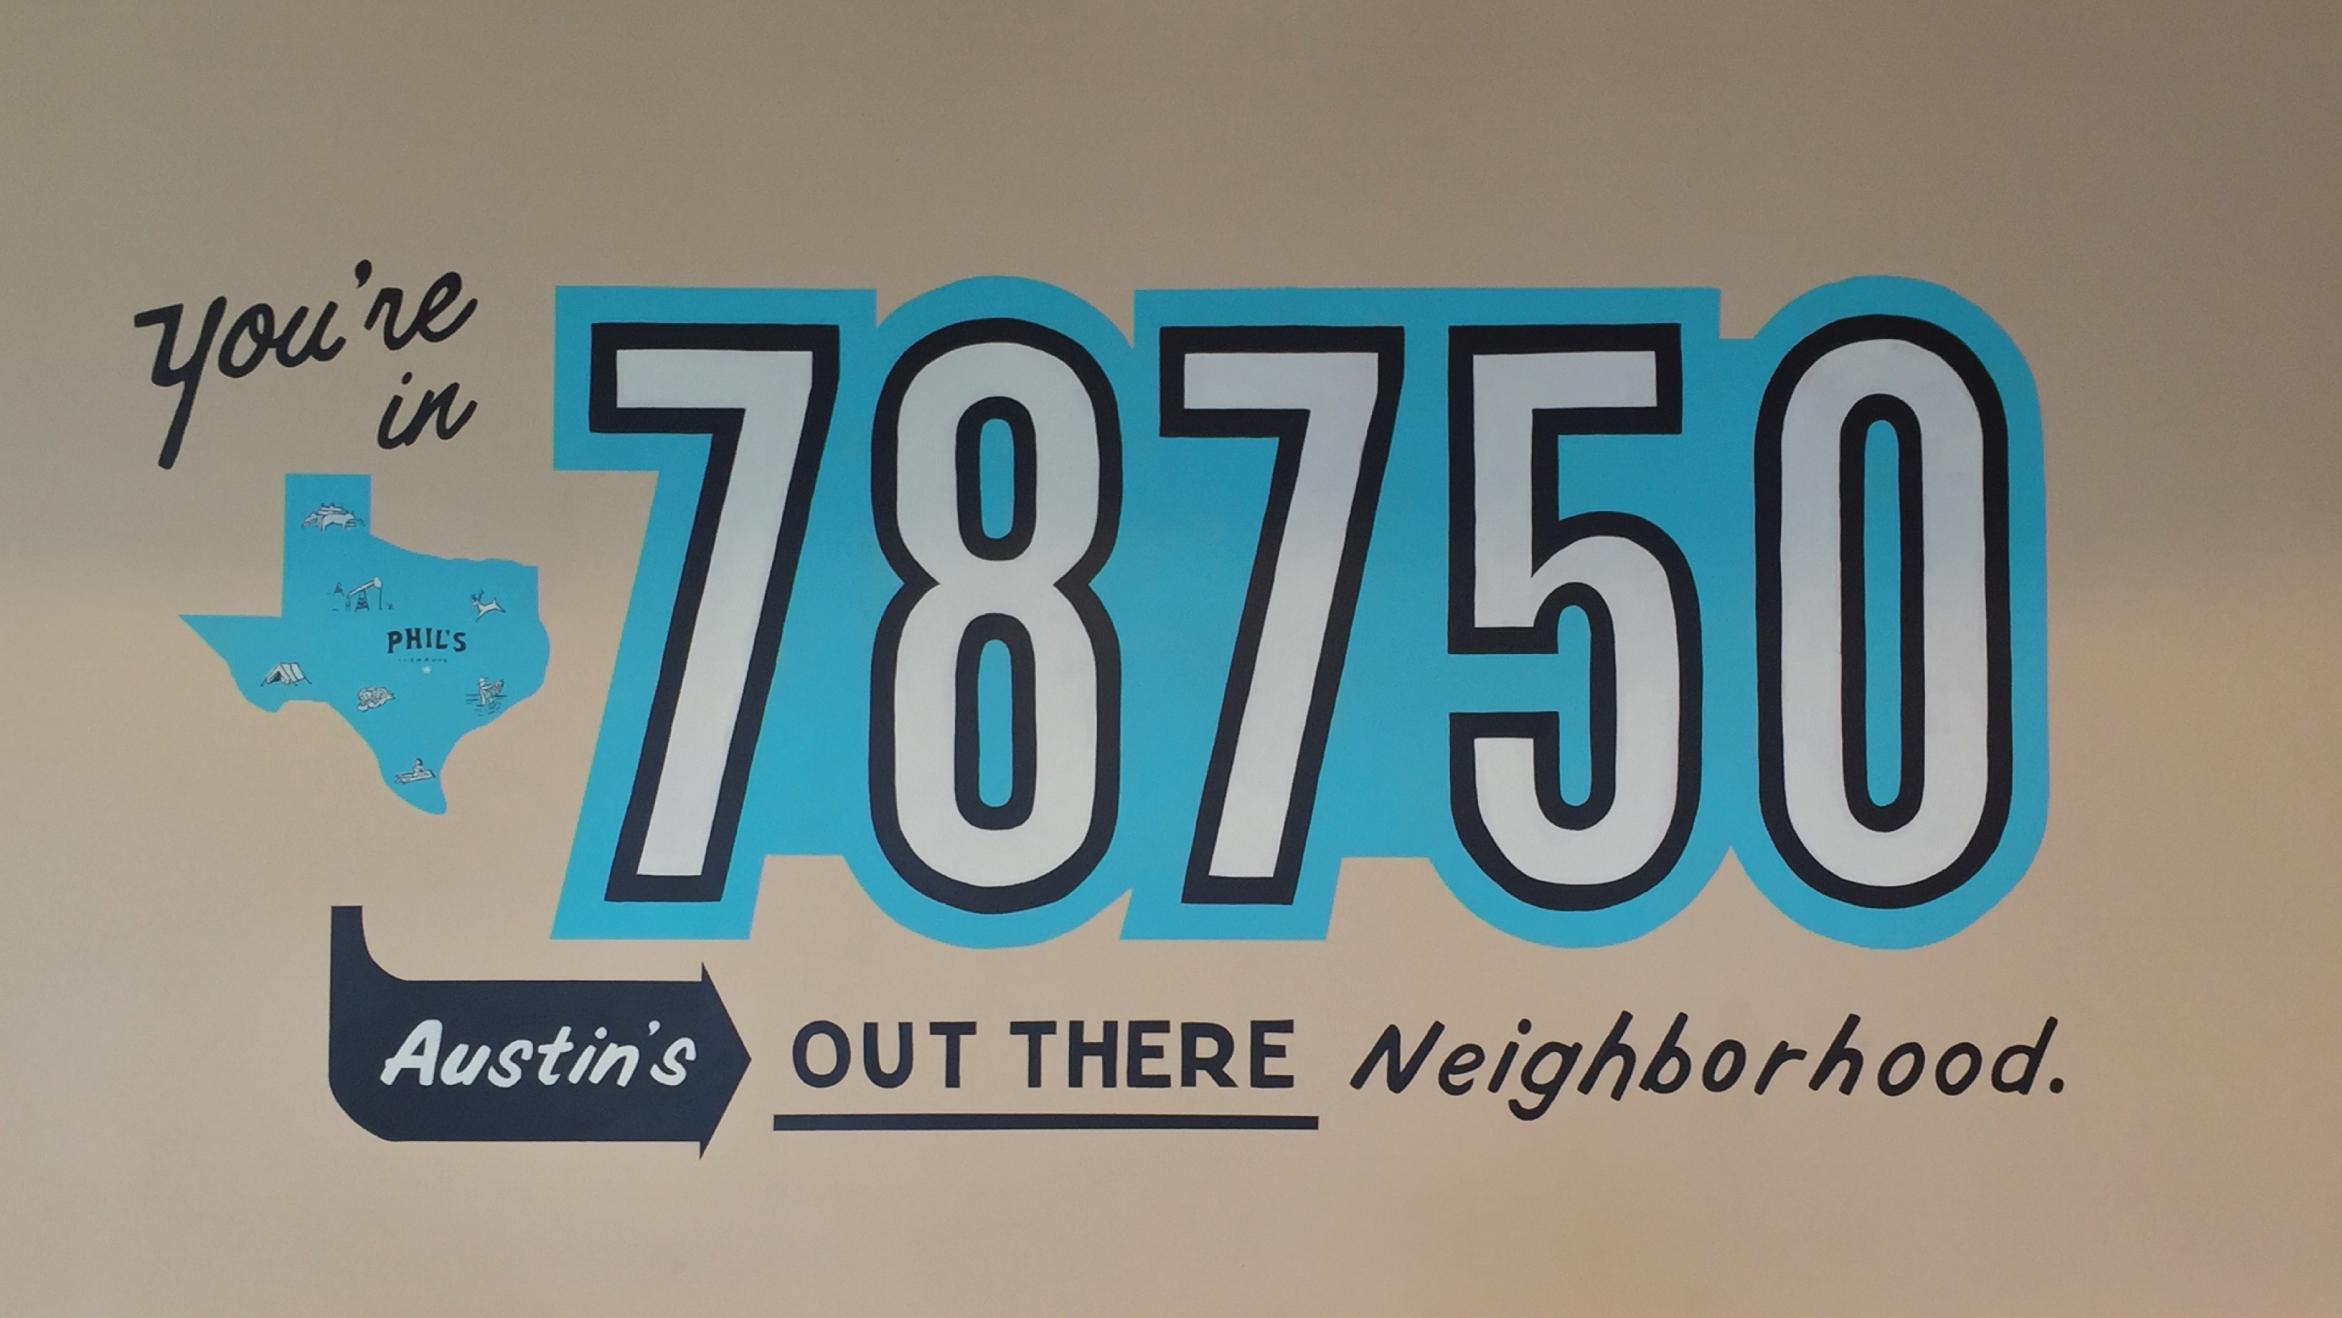 phils-mural-78750-full.jpg